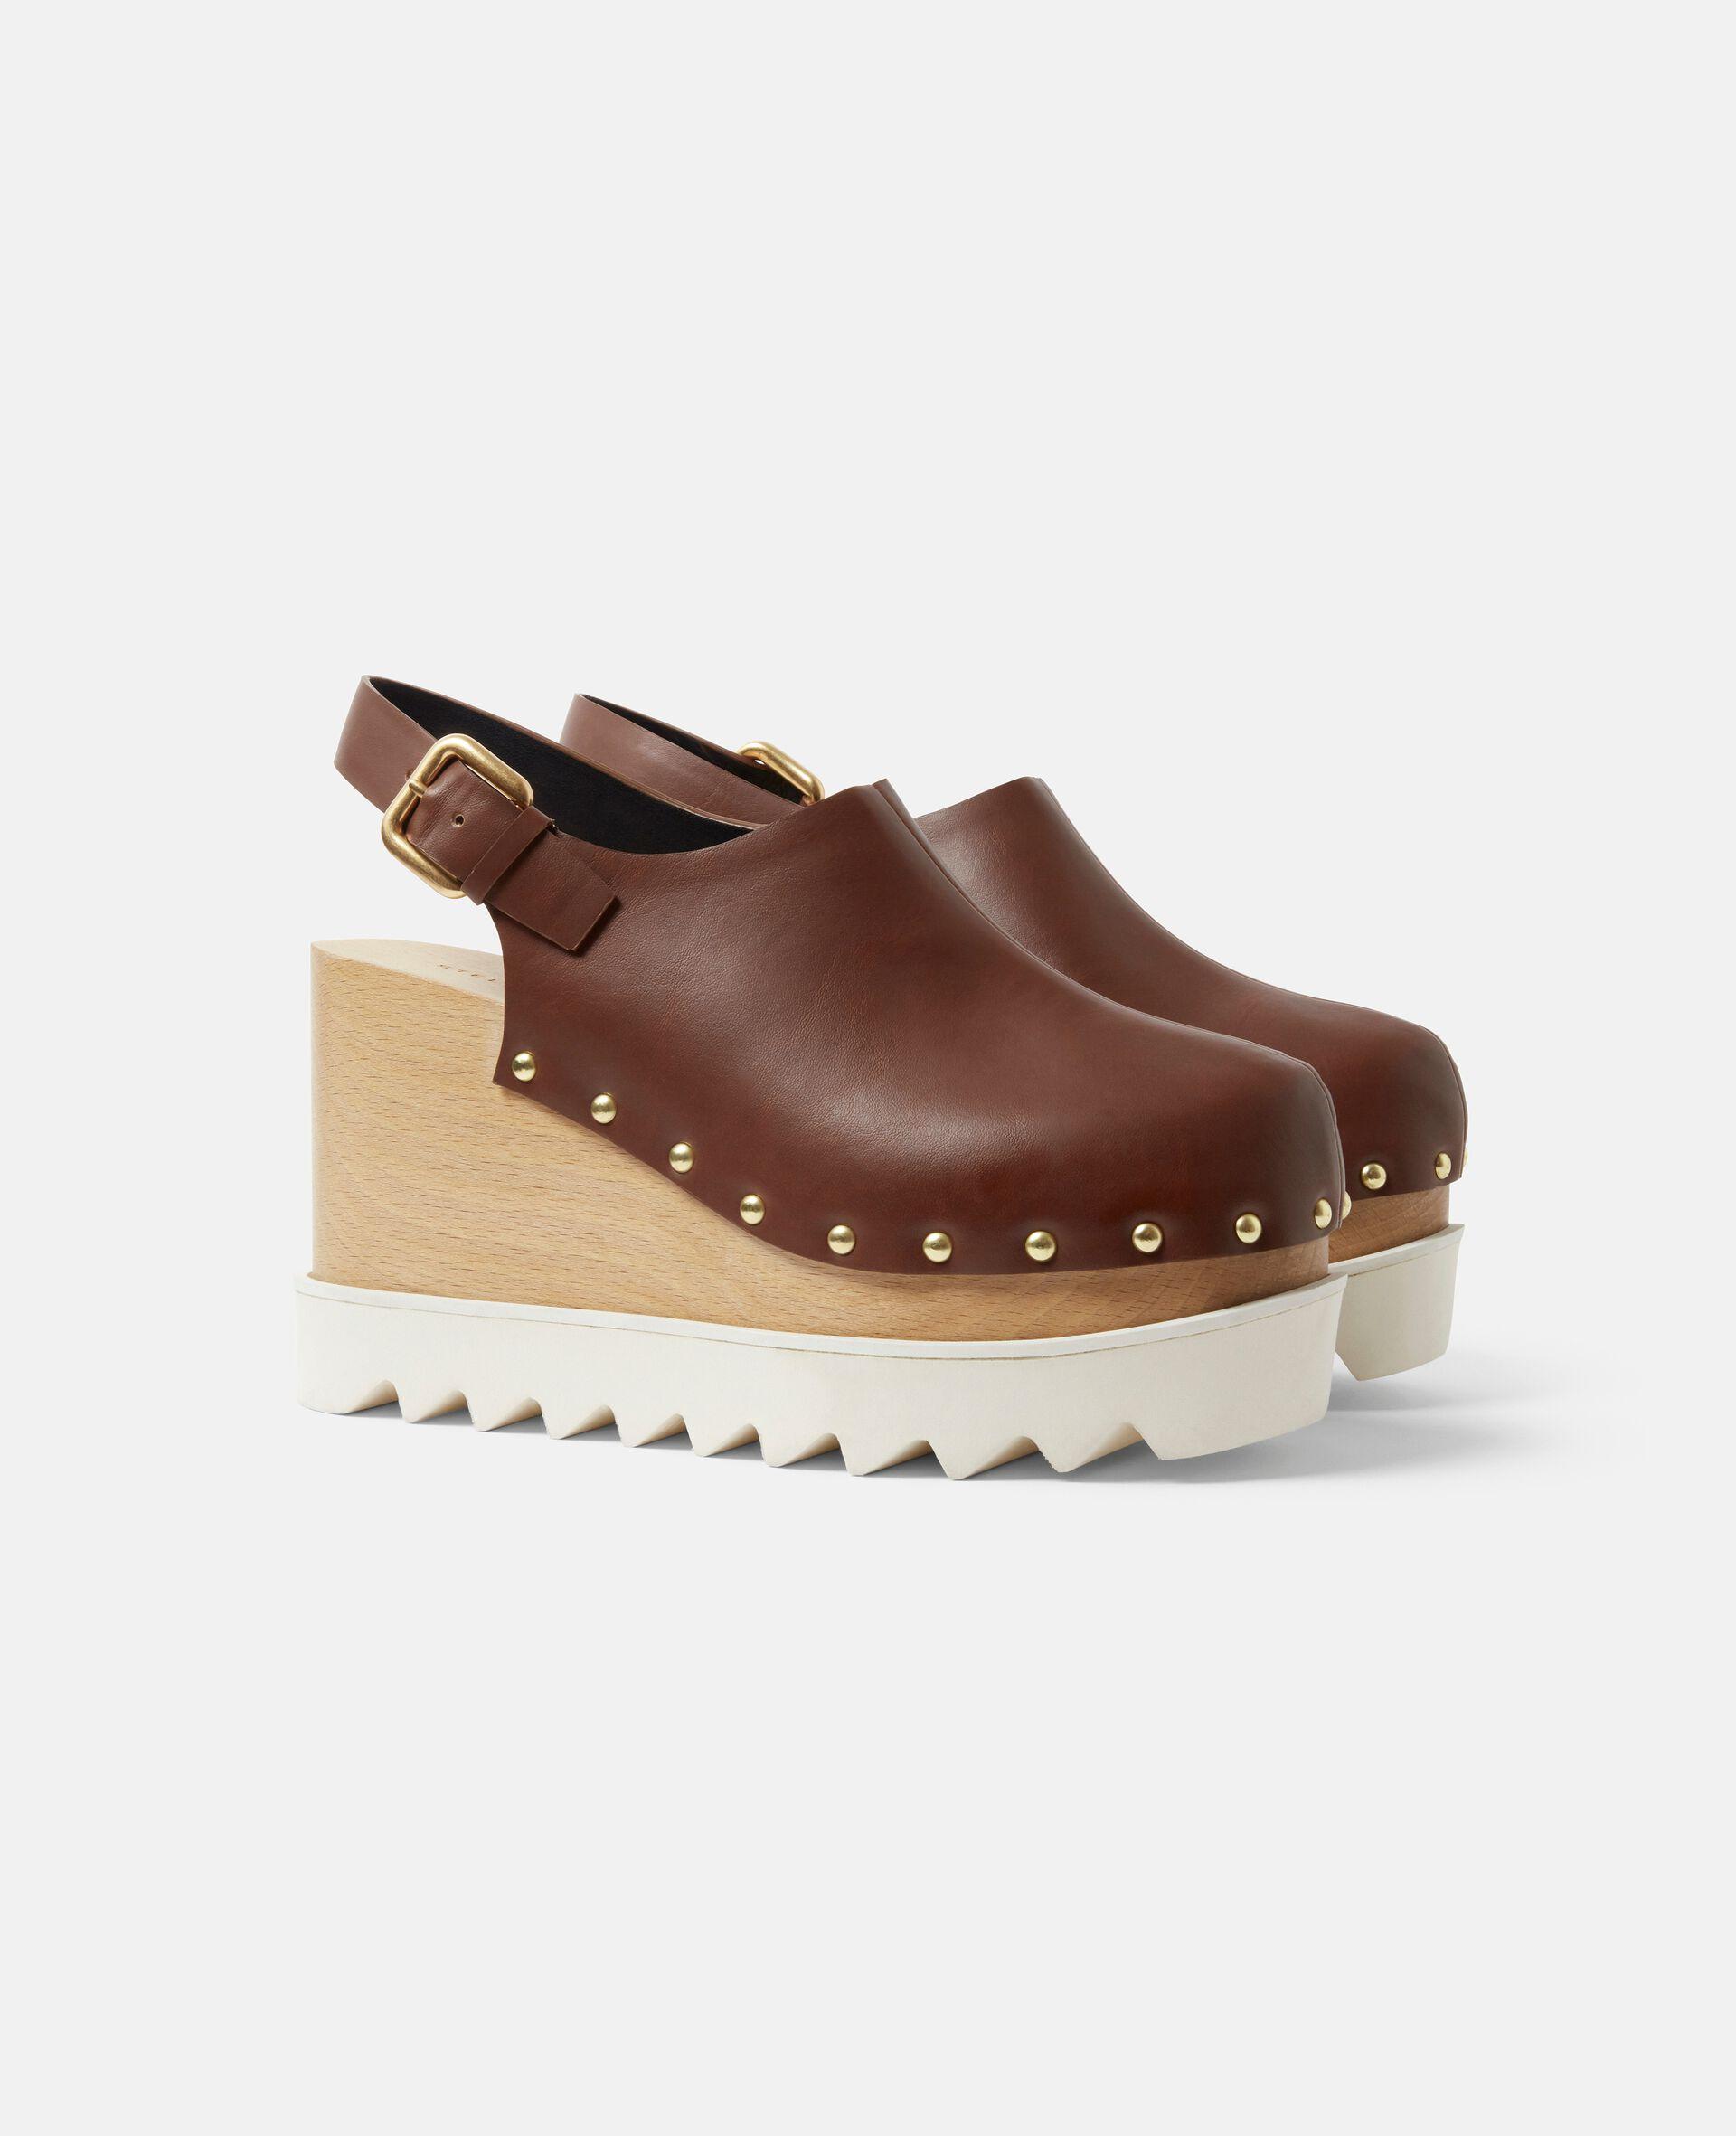 Elyse Stud Hardware Sandals-Brown-large image number 1